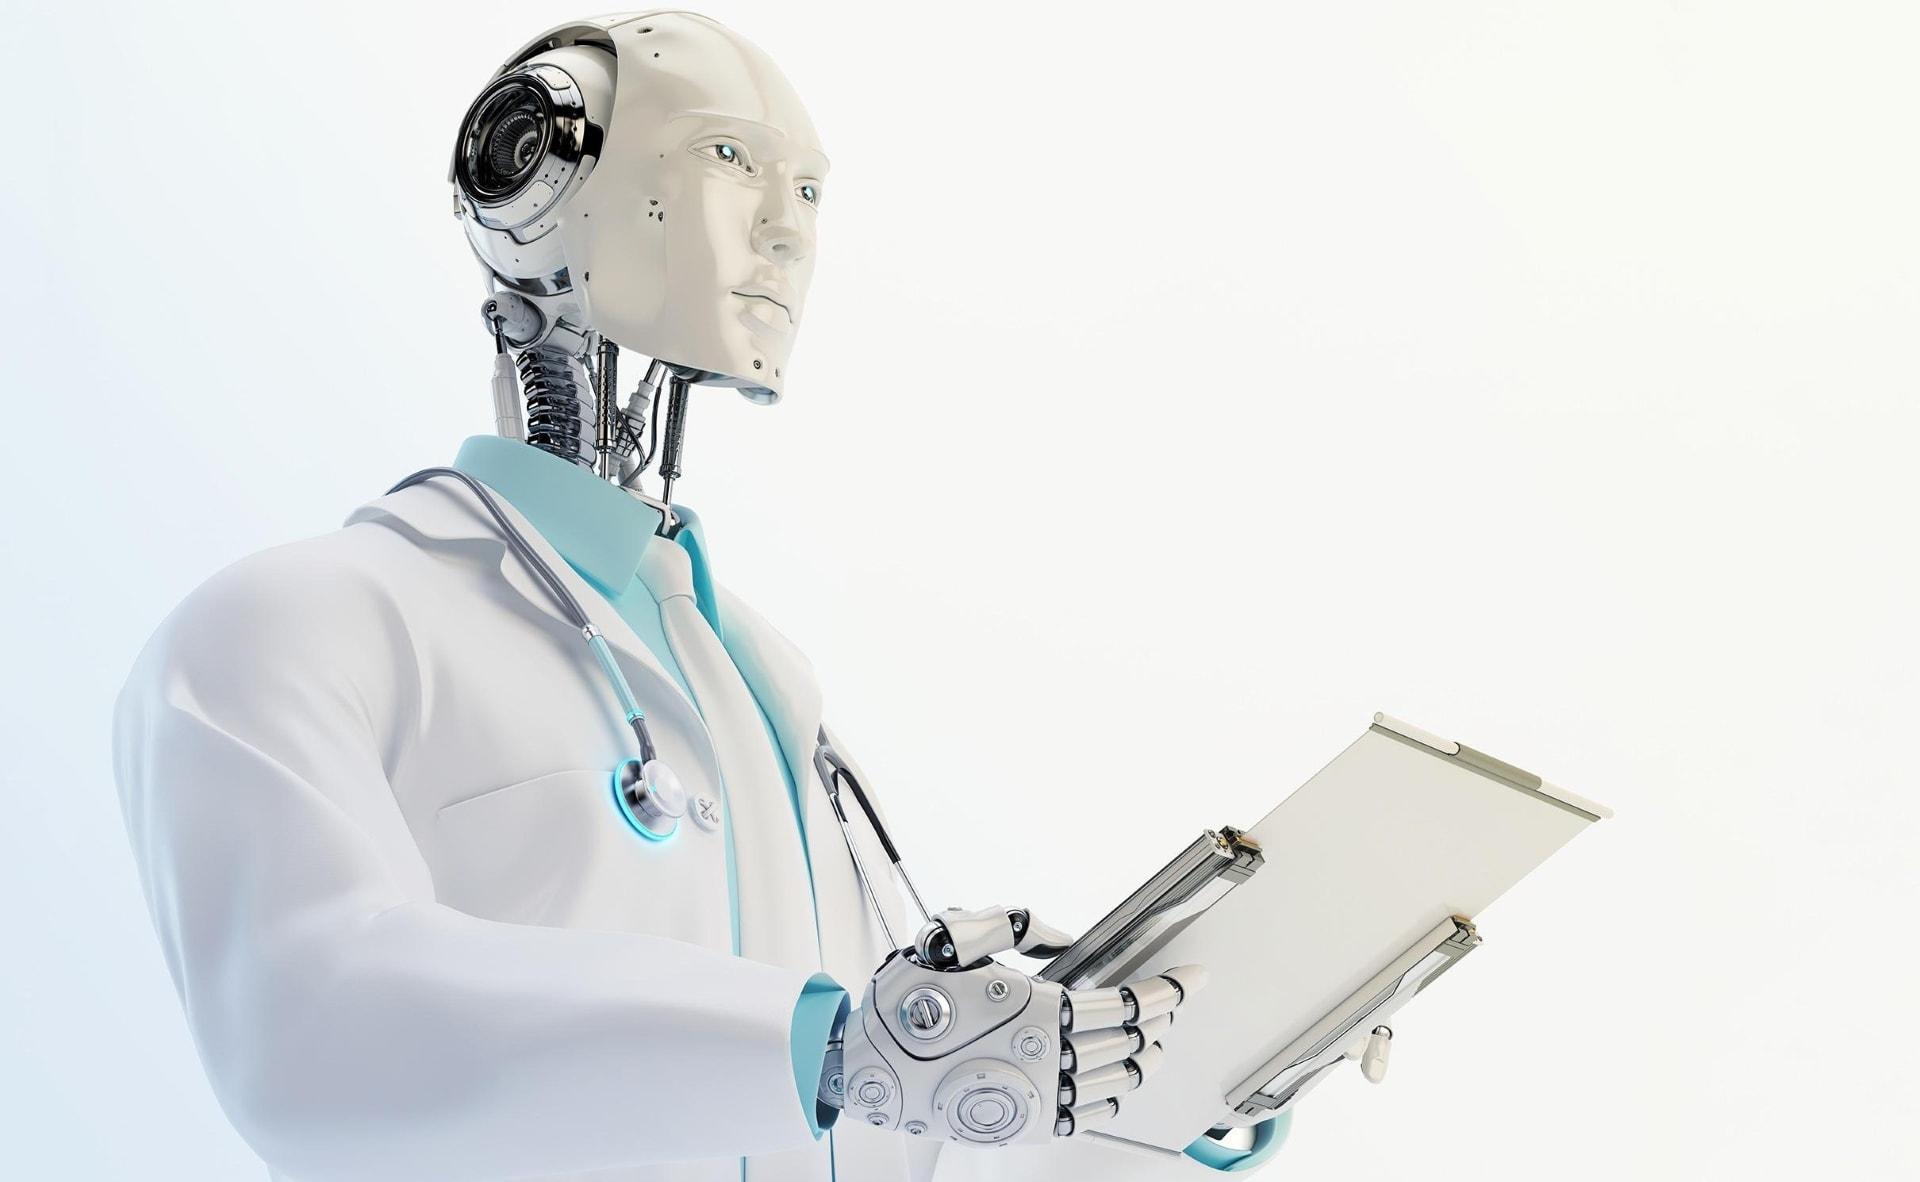 Будущее совсем рядом: искусственный интеллект будет помогать УЗИ-специалистам Москвы